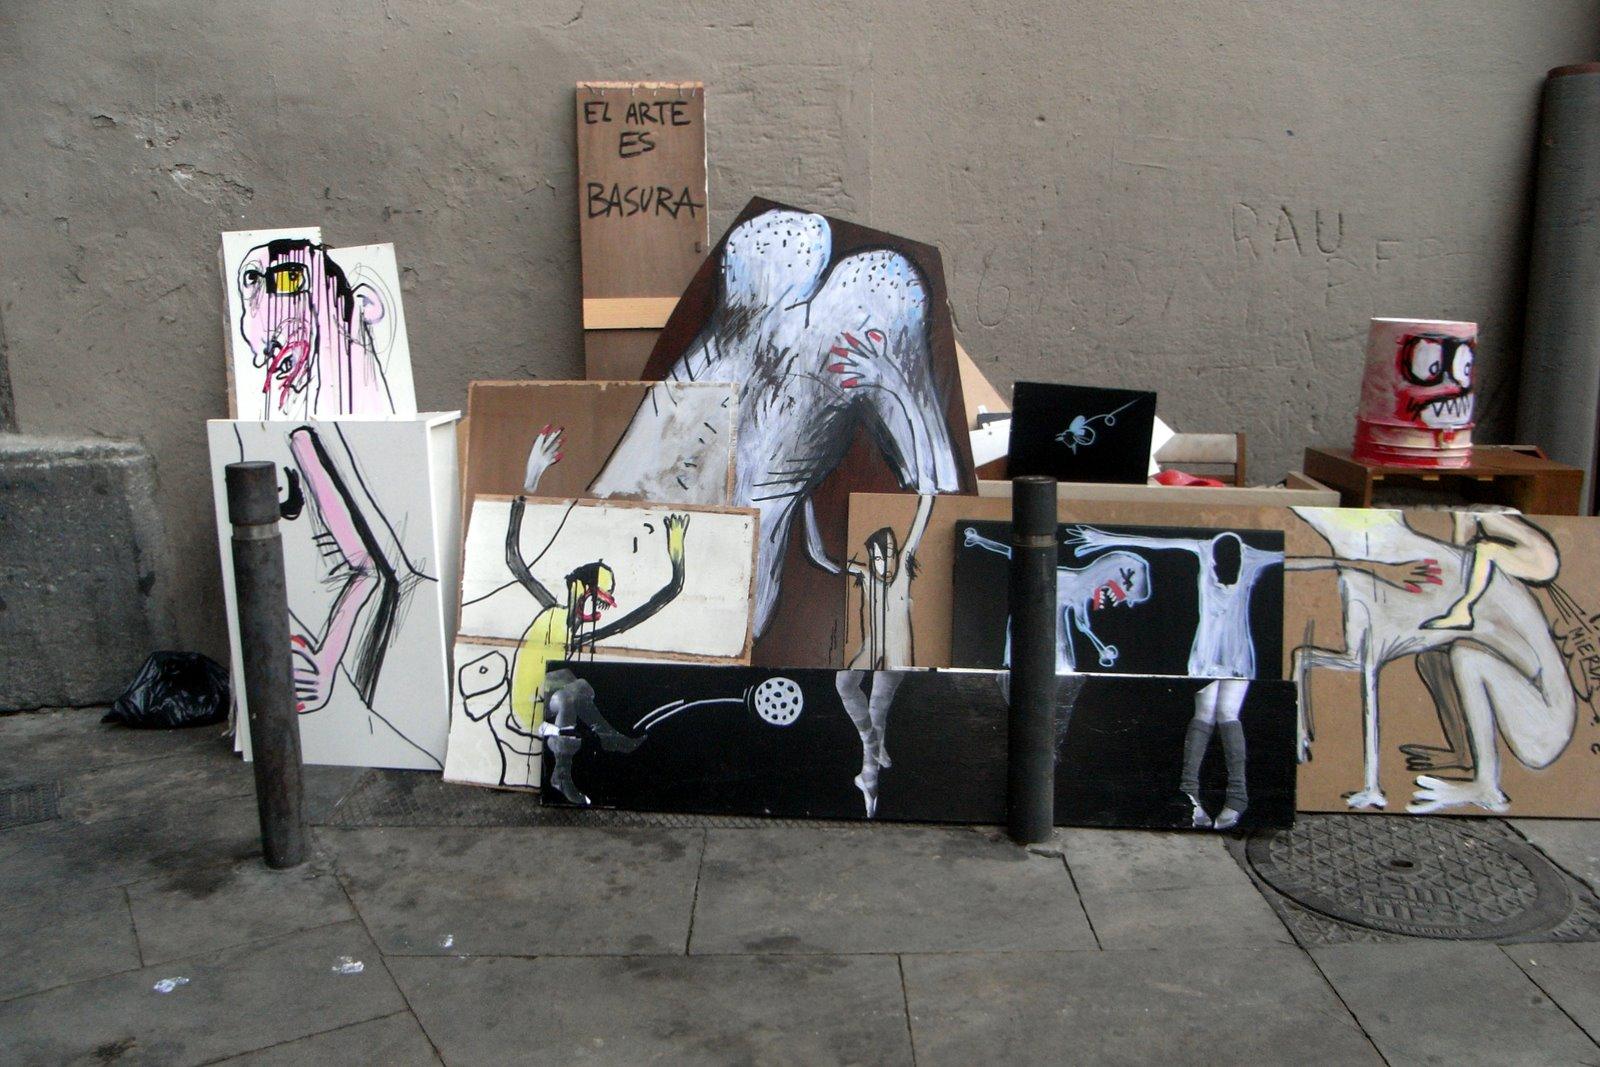 Pensi n ulises cada martes el arte es basura for Quien compra muebles usados